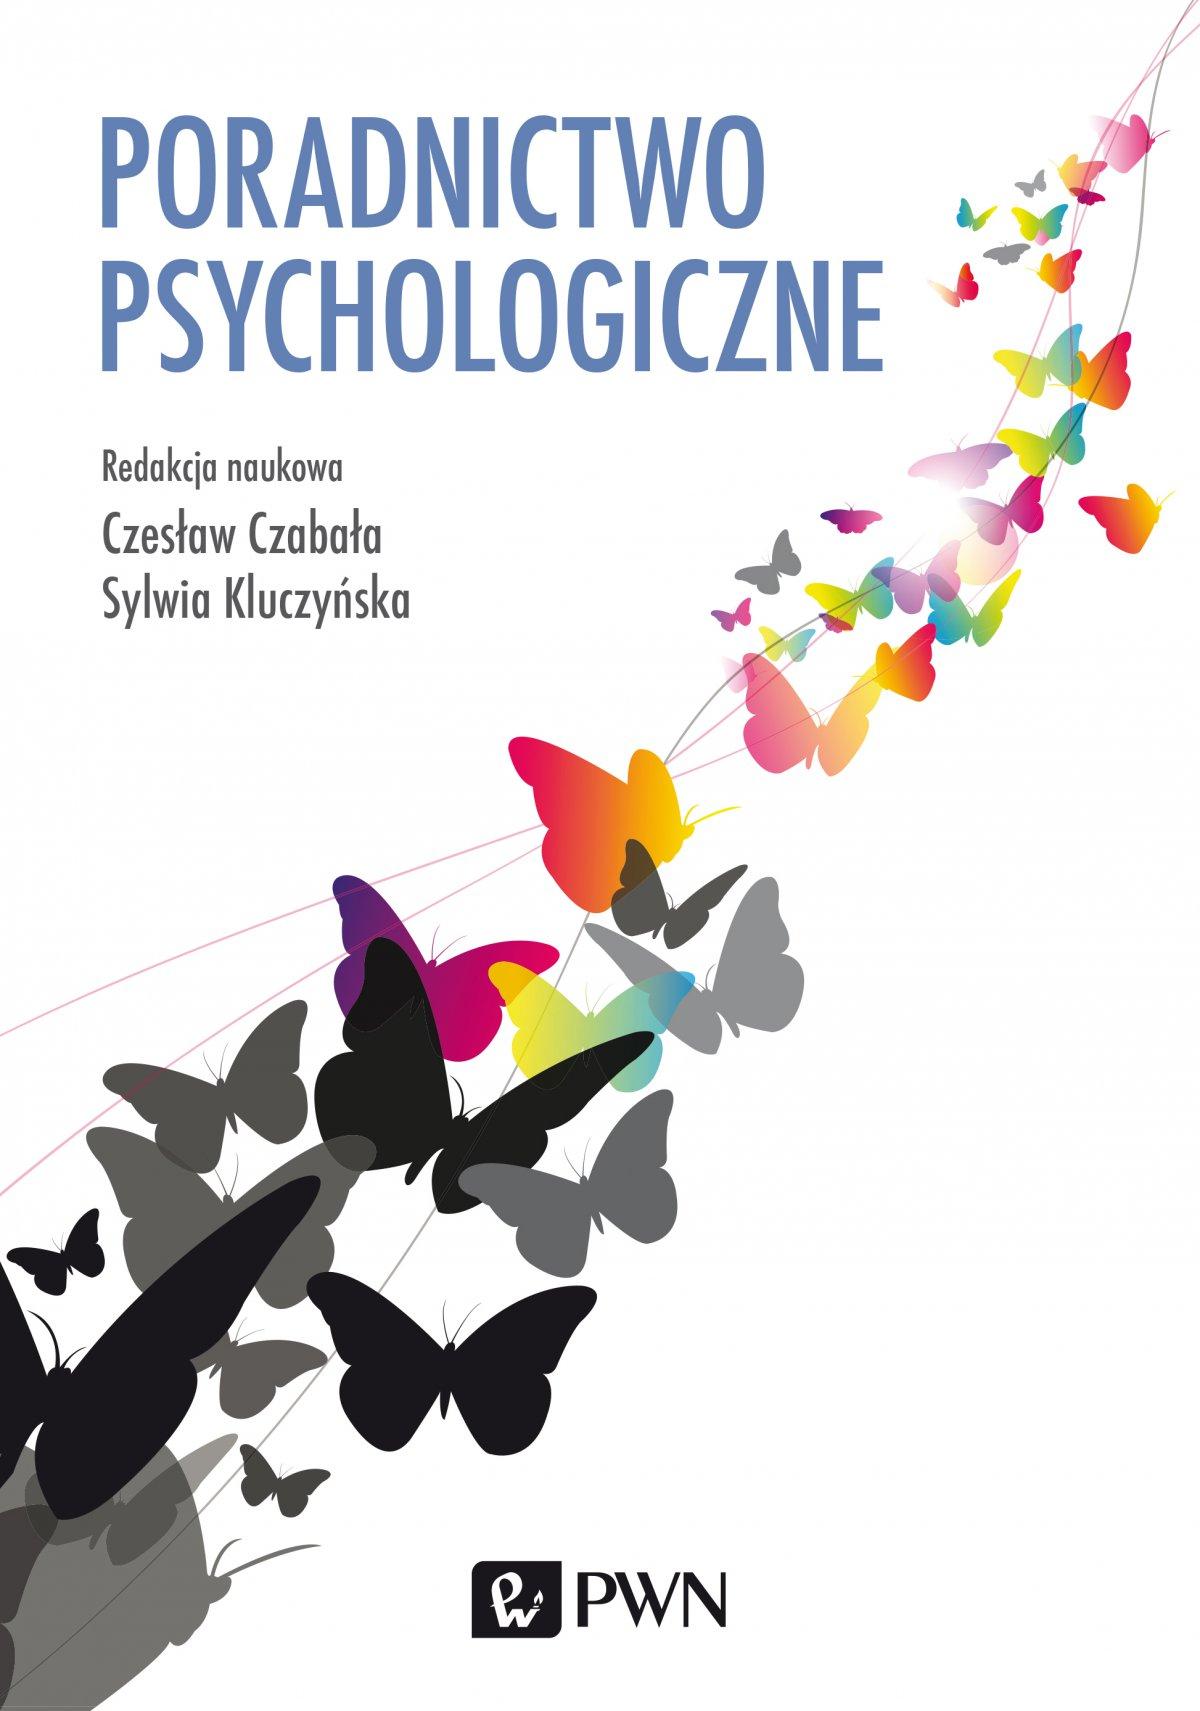 Poradnictwo psychologiczne - Ebook (Książka na Kindle) do pobrania w formacie MOBI